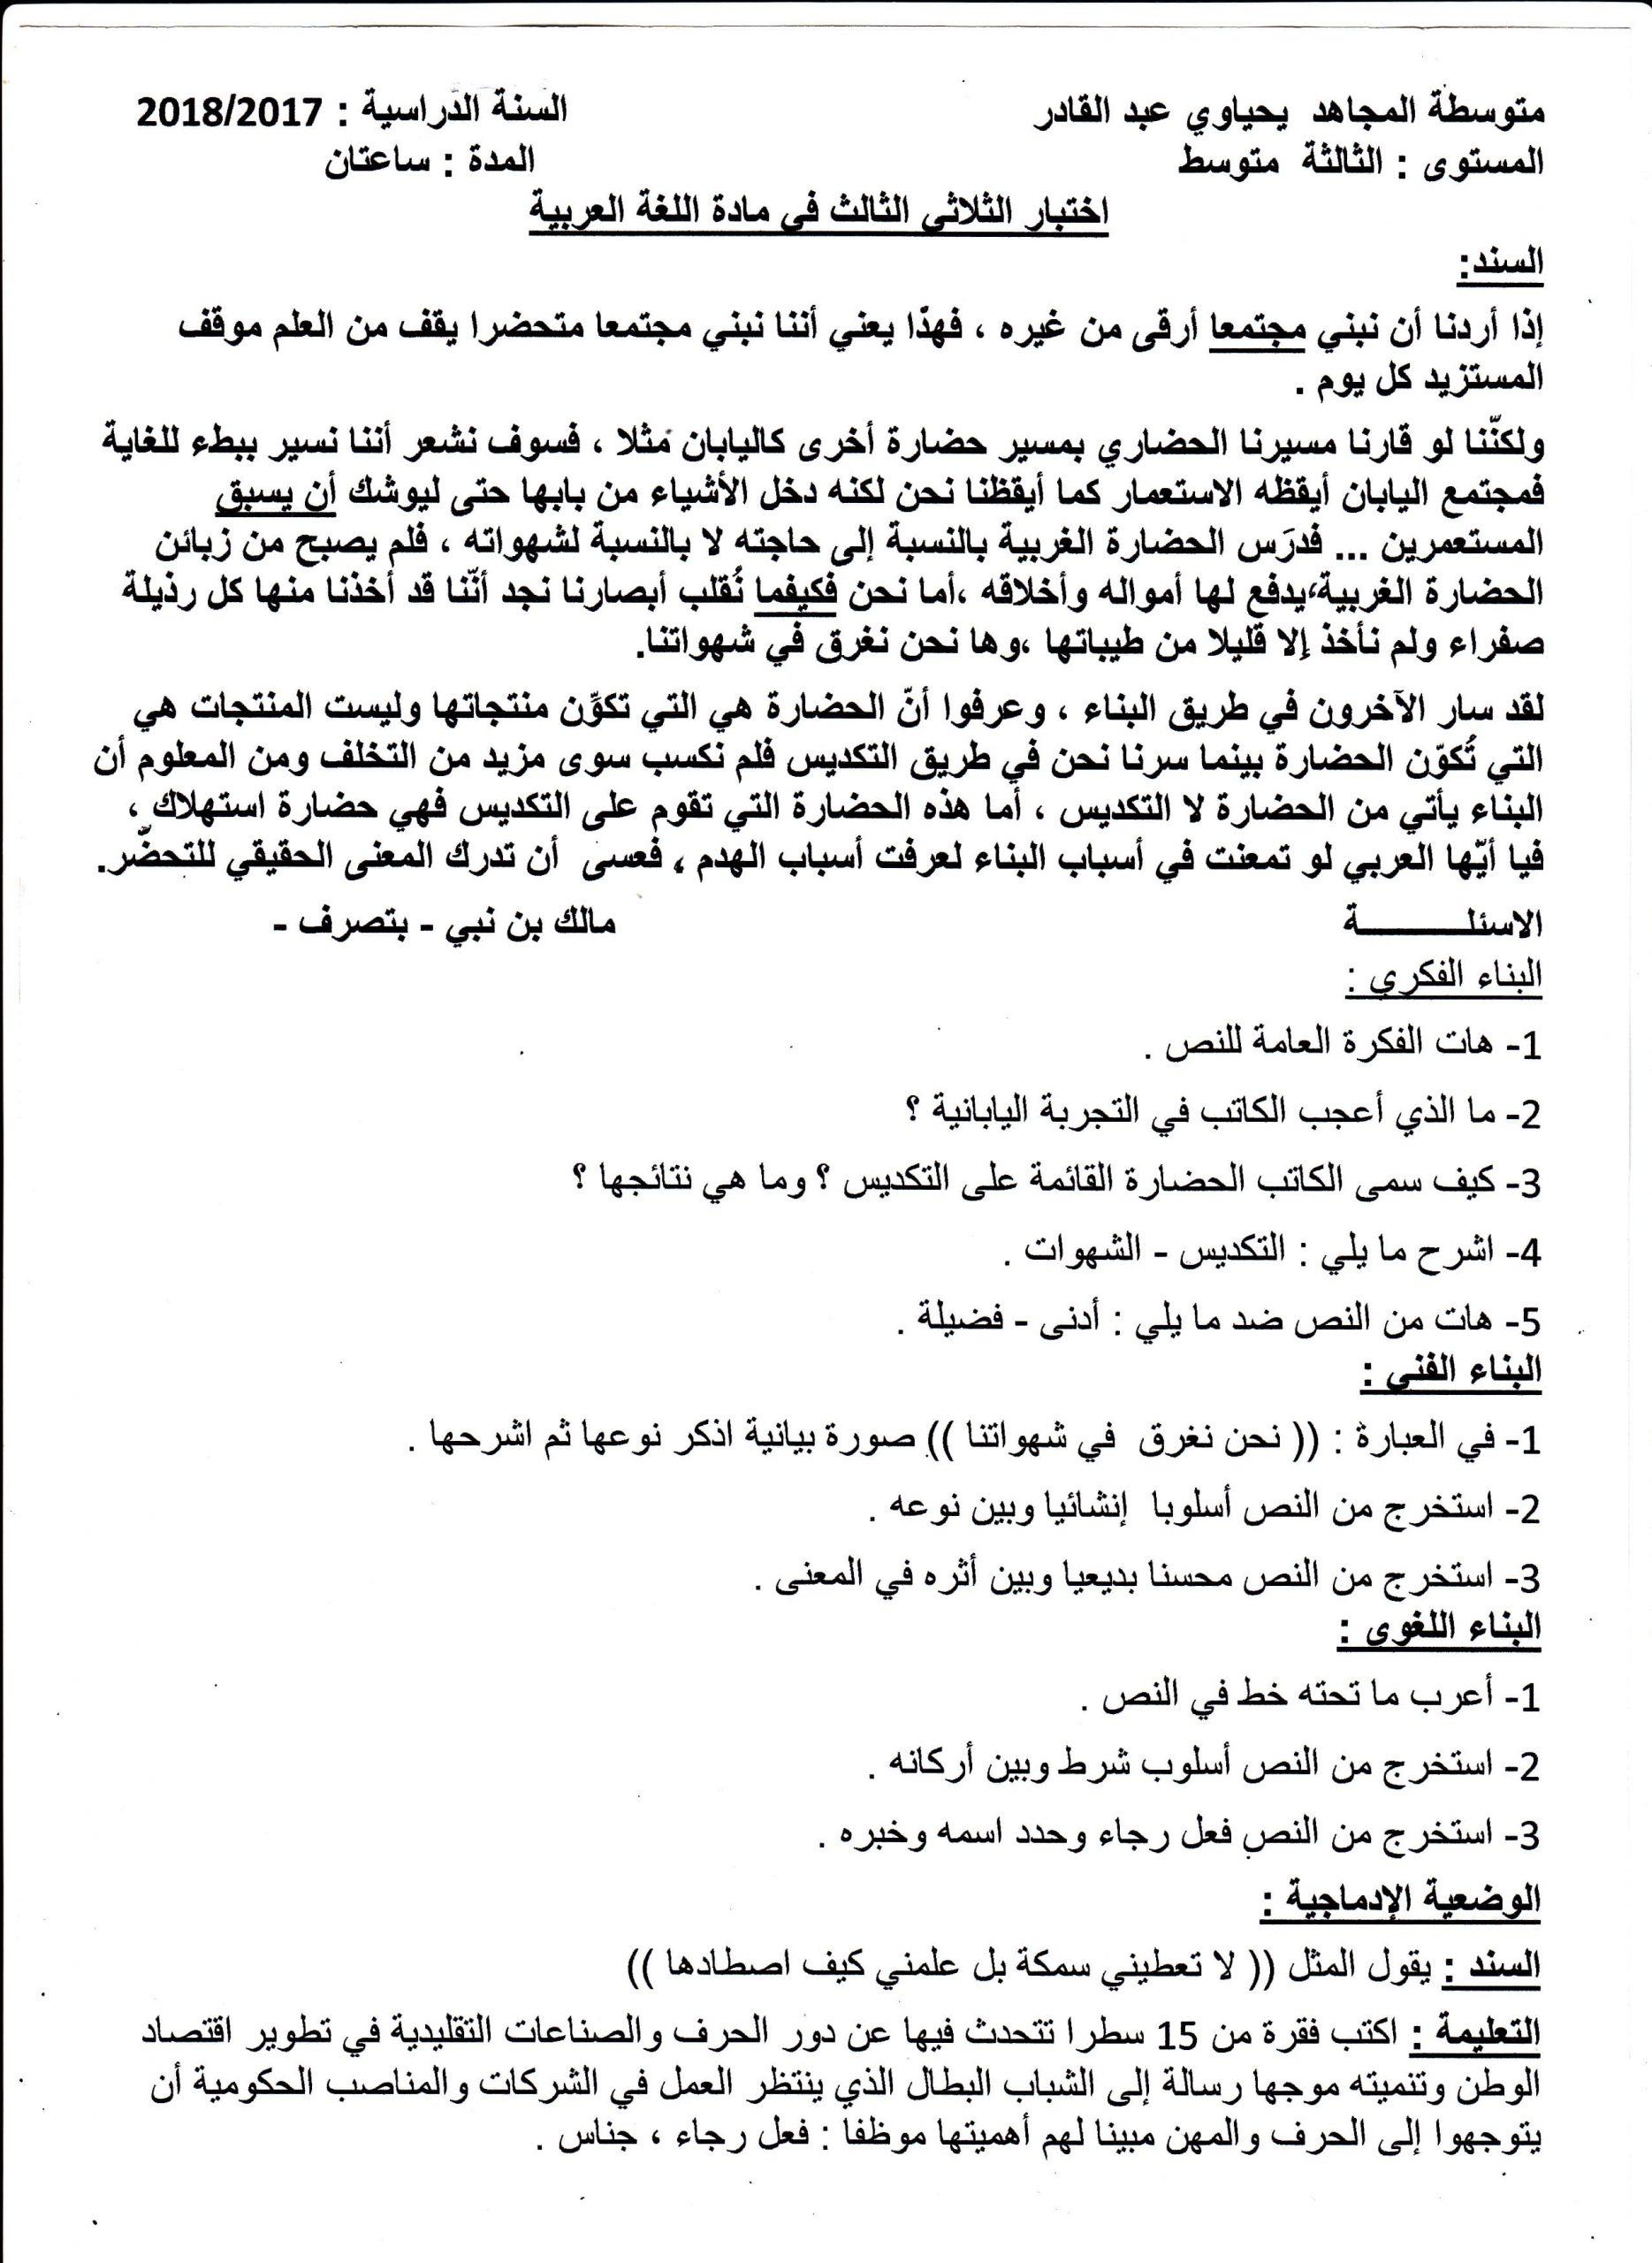 اختبار الفصل الثالث في اللغة العربية السنة الثالثة متوسط   الموضوع 06